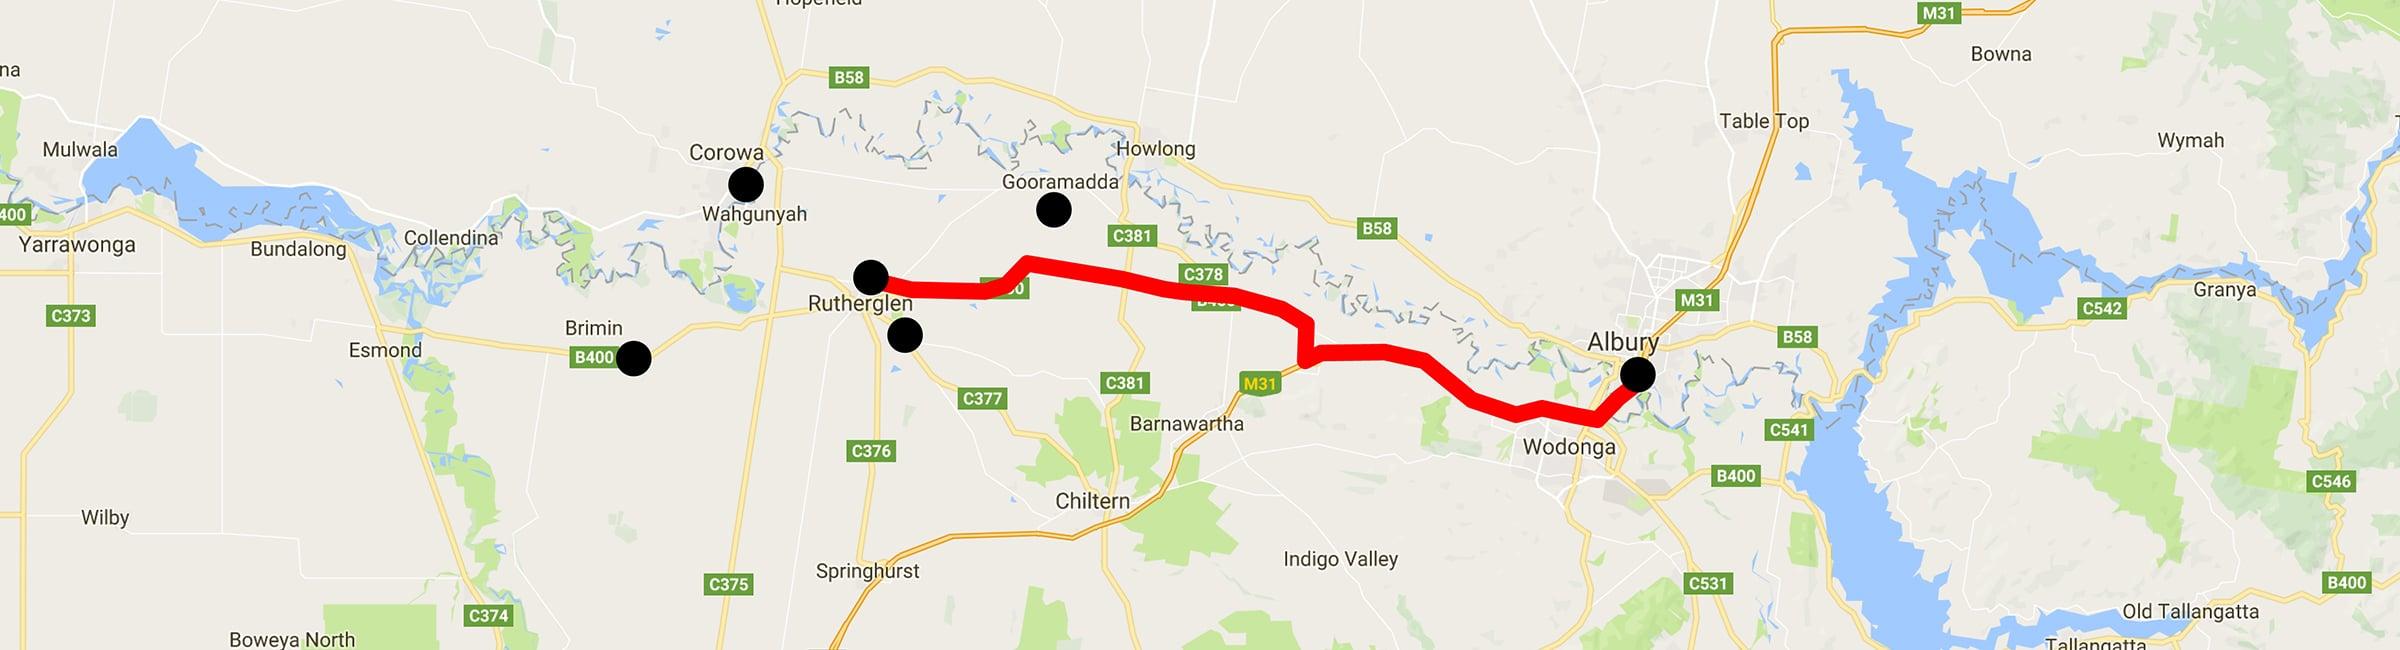 Day Trip - Rutherglen - Albury - Albury Taxis